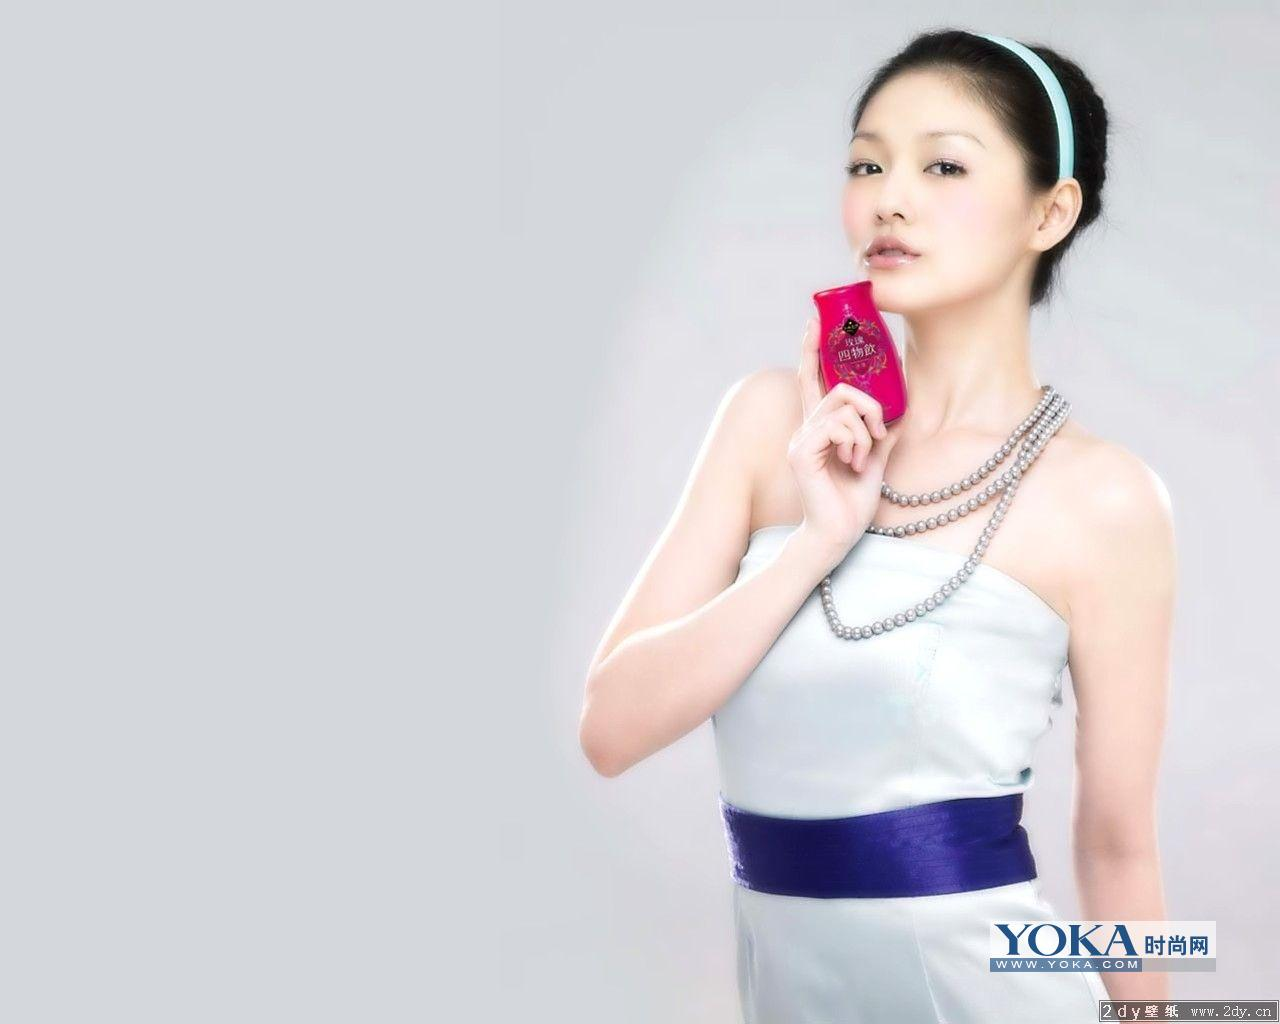 5 lixia820822的时尚博客 YOKA时尚博客图片